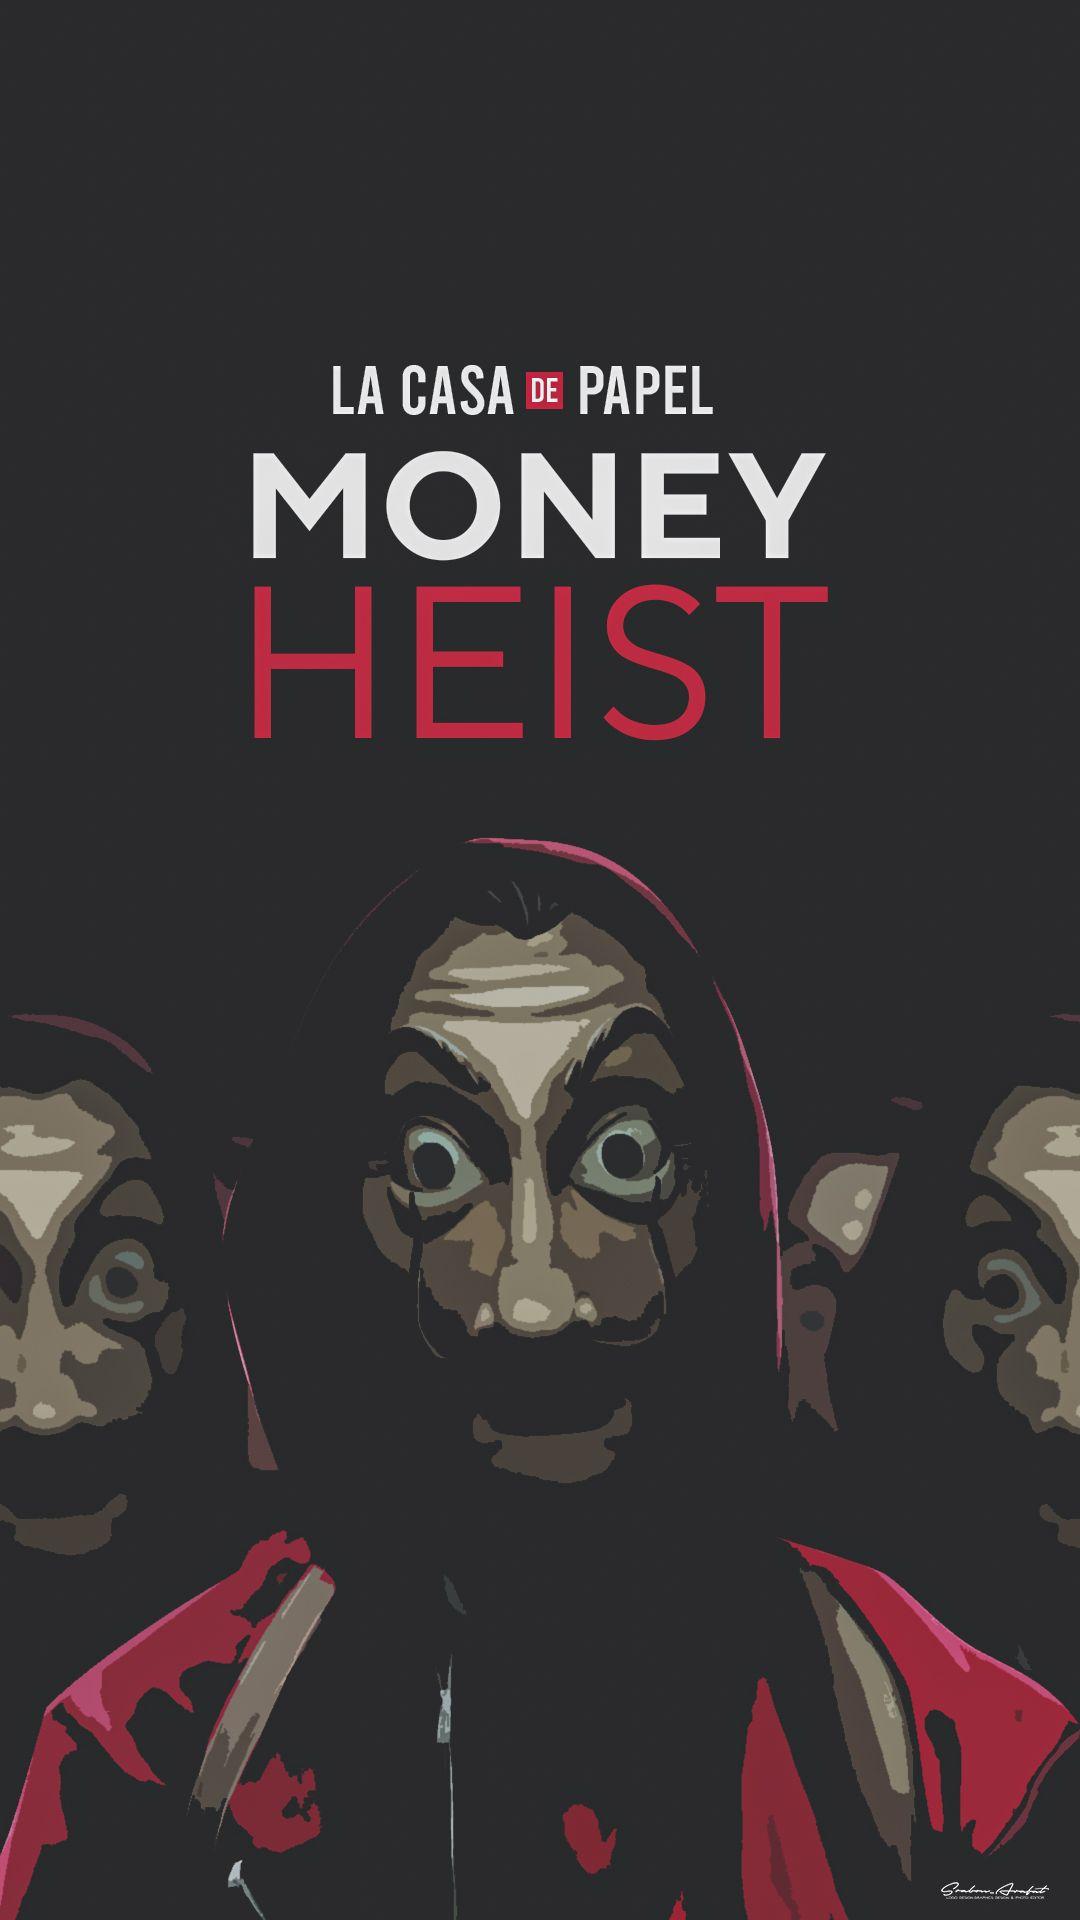 Money Heist In 2020 Money Wallpaper Iphone Words Wallpaper Iphone Wallpaper Tumblr Aesthetic